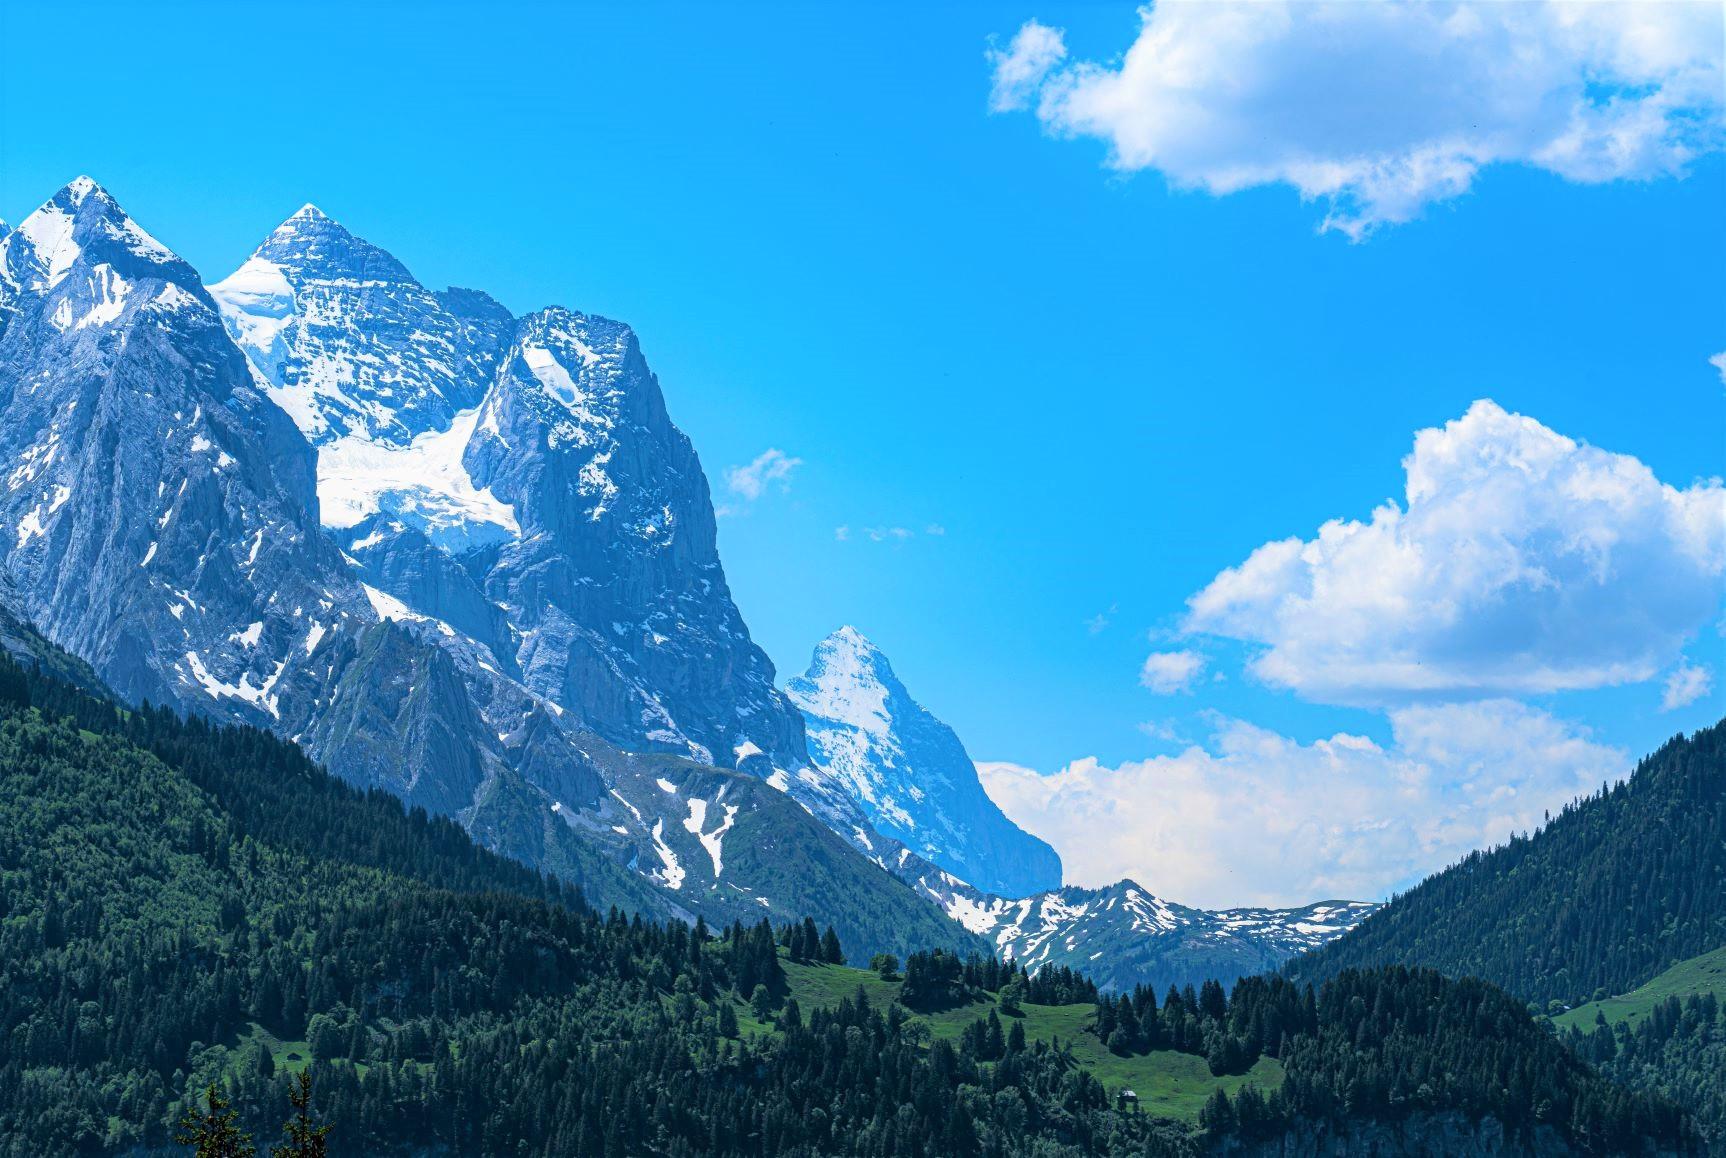 アルペンタワー展望台付近からヴェッターホルン(3,962m)とアイガー(3,970m)の稜線を望む(3日目)